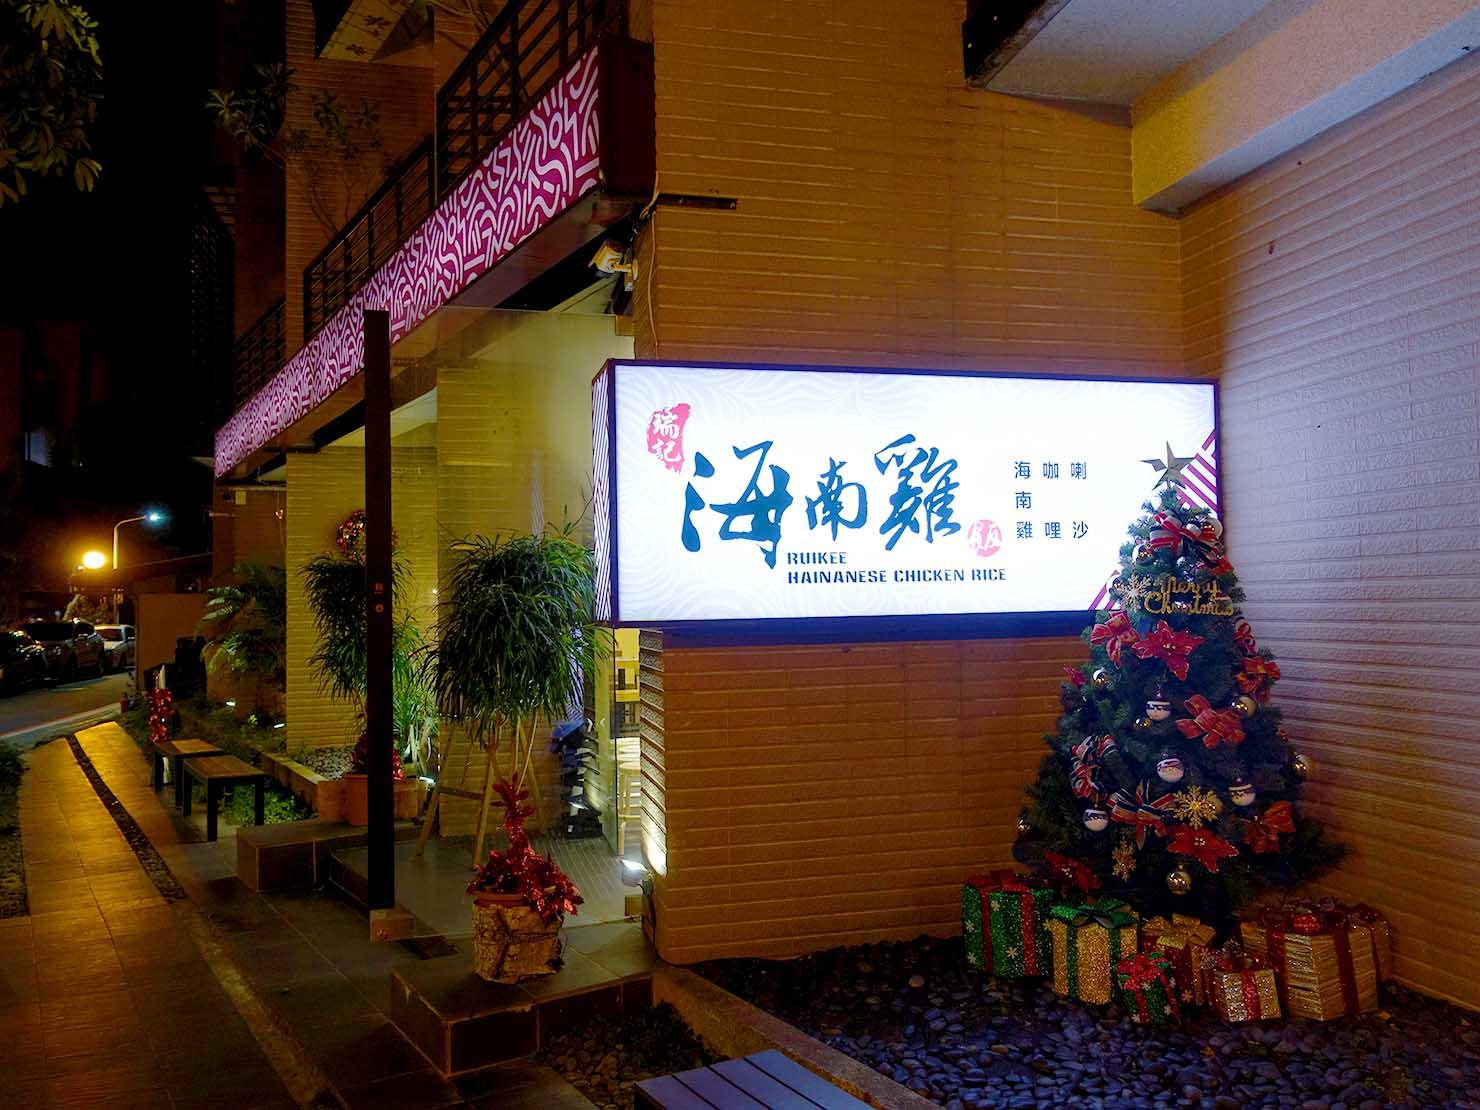 台北101エリア・市政府駅周辺のおすすめ台湾グルメ「瑞記海南雞飯」の外観